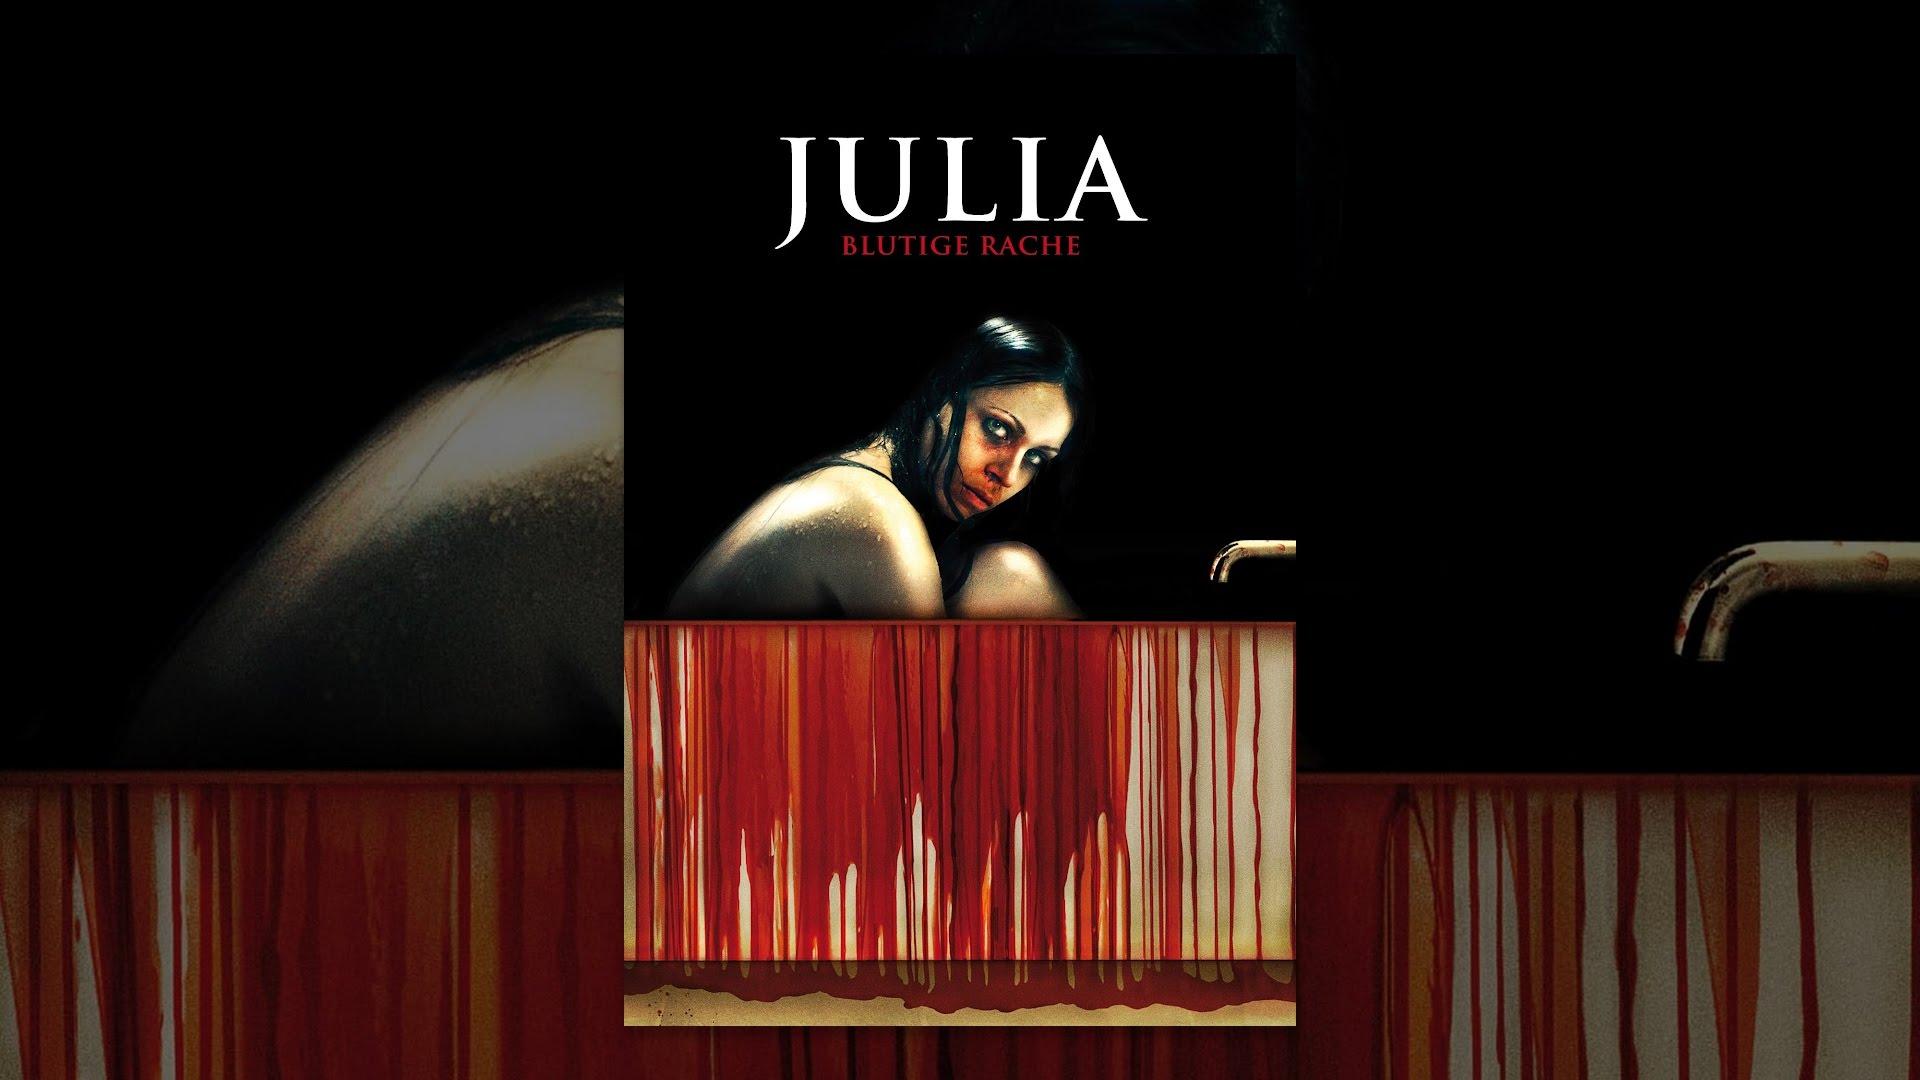 Julia Blutige Rache